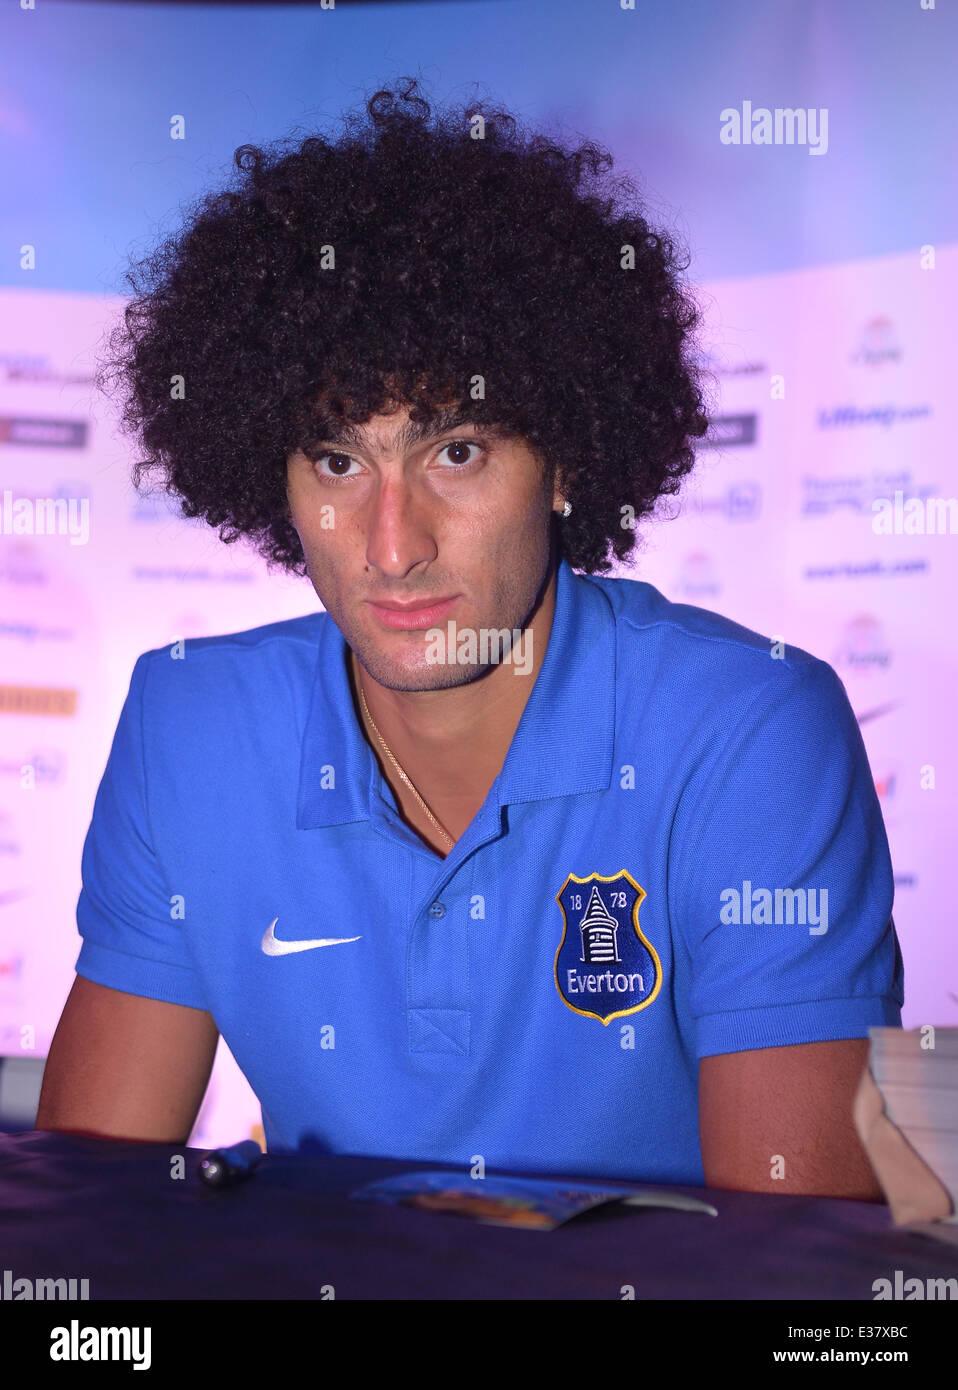 Everton Football Club meet and greet in Miami  Featuring: Marouane Fellaini Bakkioui Where: Miami Beach, Florida, - Stock Image